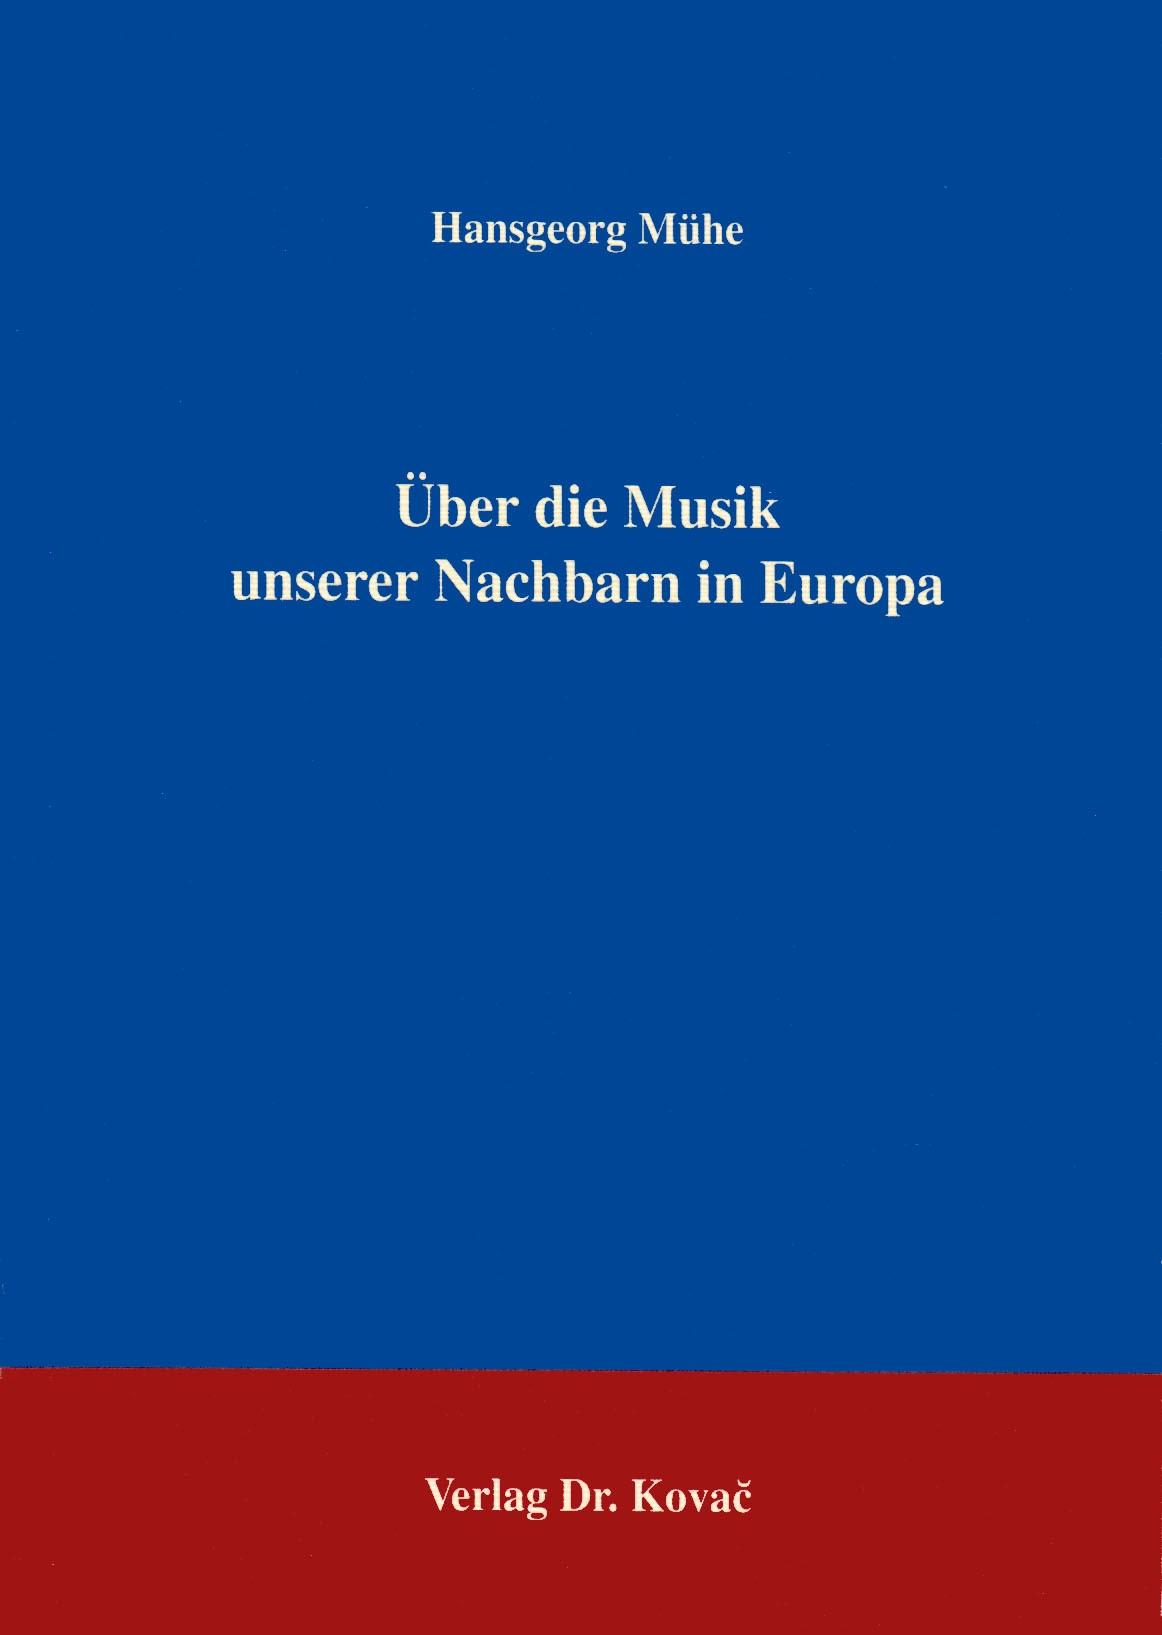 Über die Musik unserer Nachbarn in Europa | Mühe, 1994 | Buch (Cover)